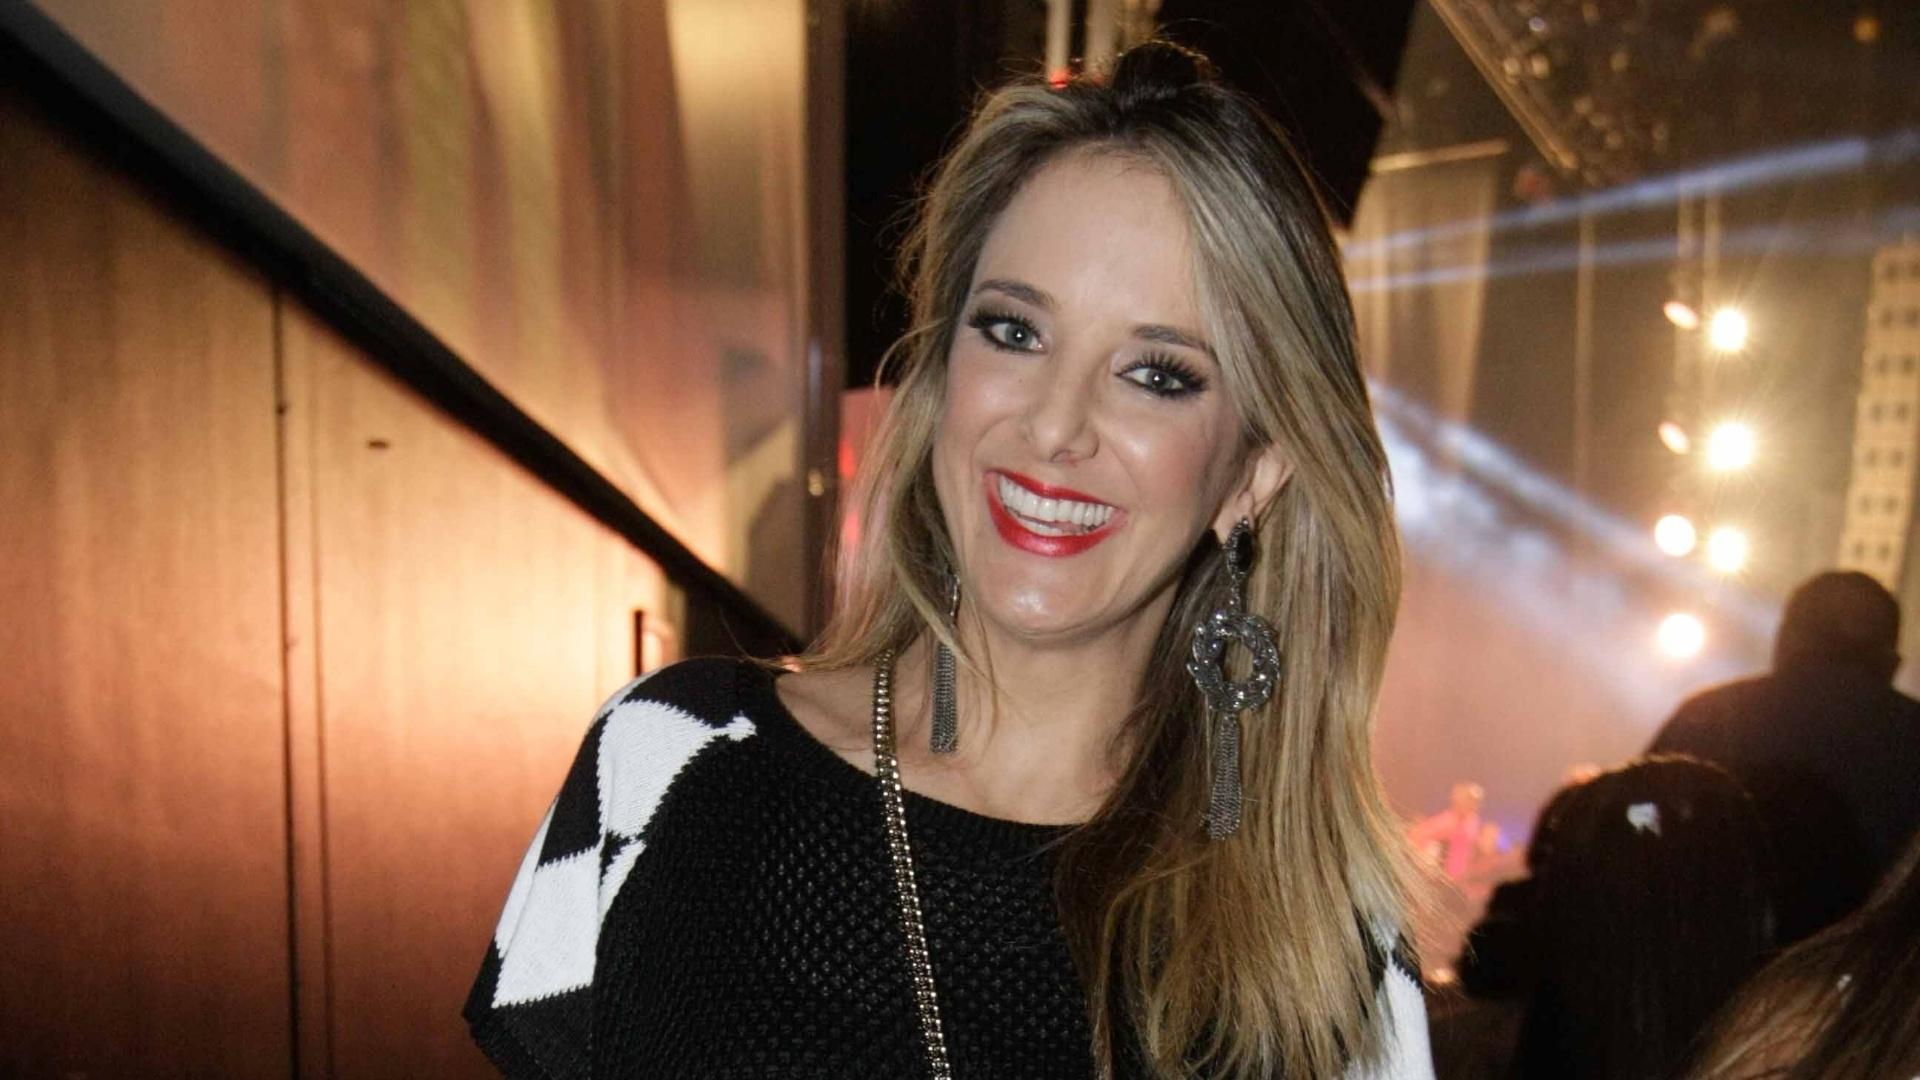 28.ago.2014 - A apresentadora Ticiane Pinheiro vai ao show de Ivete Sangalo no Espaço das Américas, na zona oeste de São Paulo, para recordar seus grandes sucessos e comemorar 20 anos de carreira nesta quinta-feira